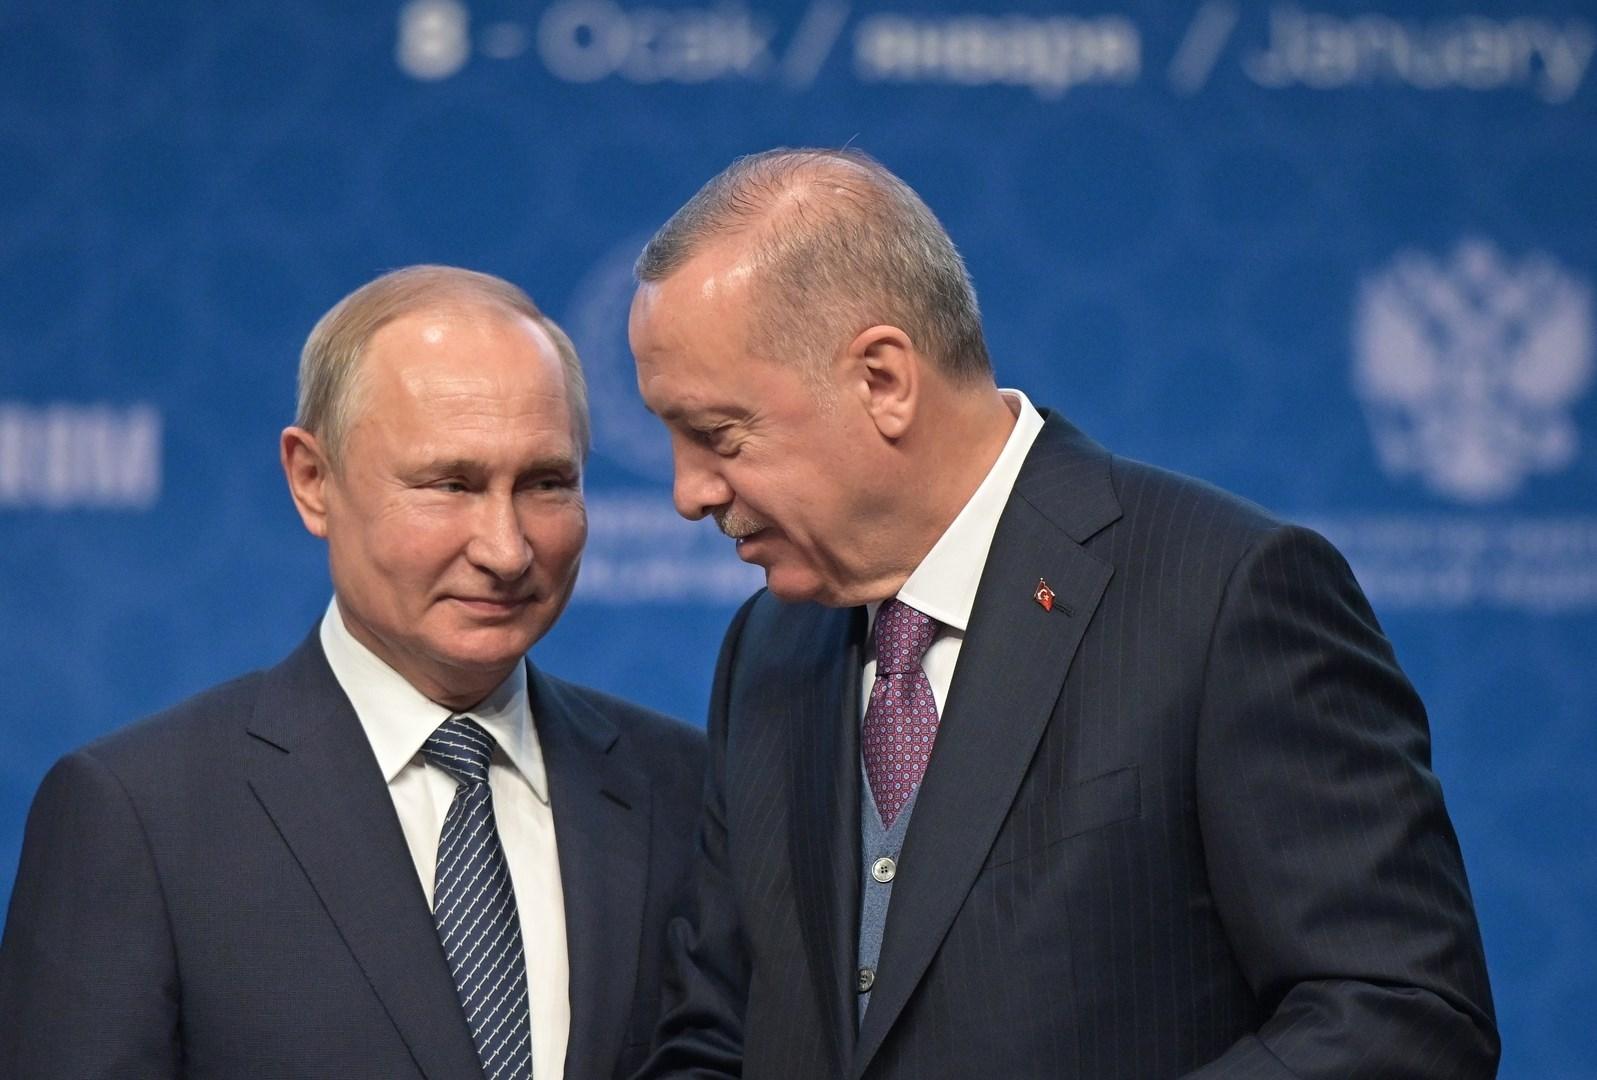 موسكو: حديث عن اتفاق محتمل بين بوتين وإردوغان للتعاون في كل المناطق التي تتناقض فيها مصالحهما